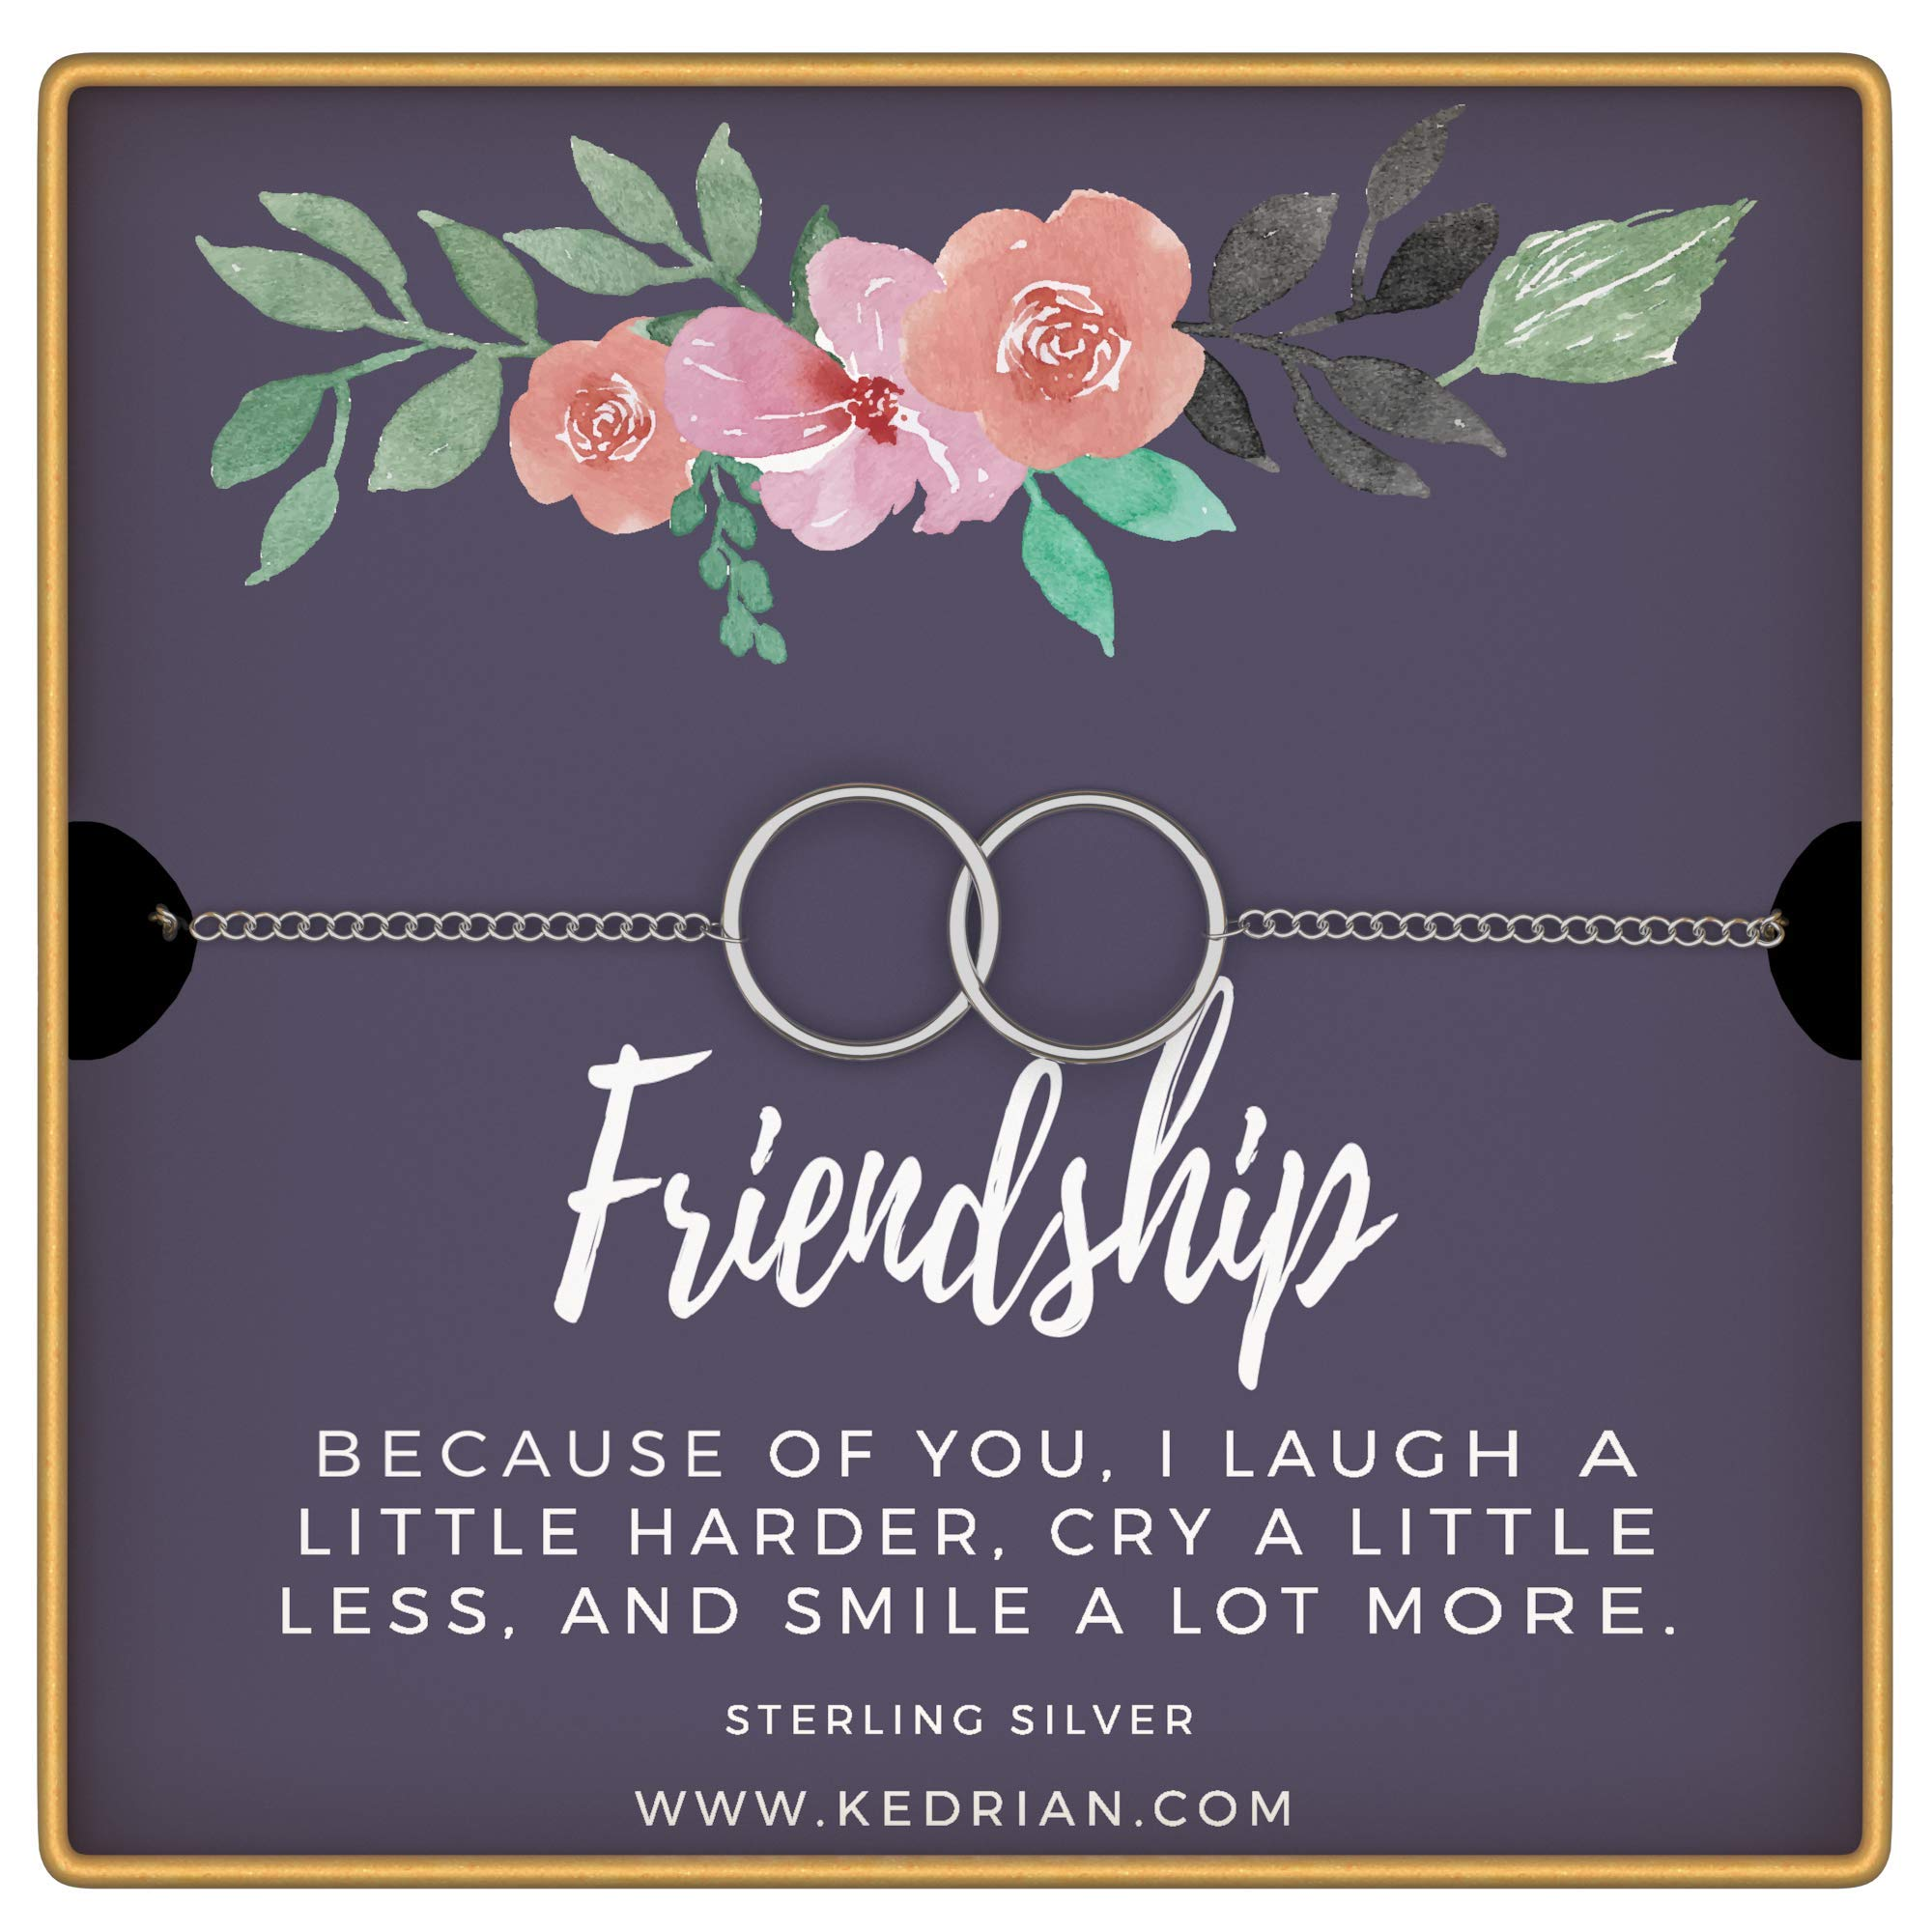 KEDRIAN Friendship Bracelet, 925 Sterling Silver, Friendship Bracelet, Best Friend Bracelet, Friendship Gifts for Women, for Women (Friendship - Purple)